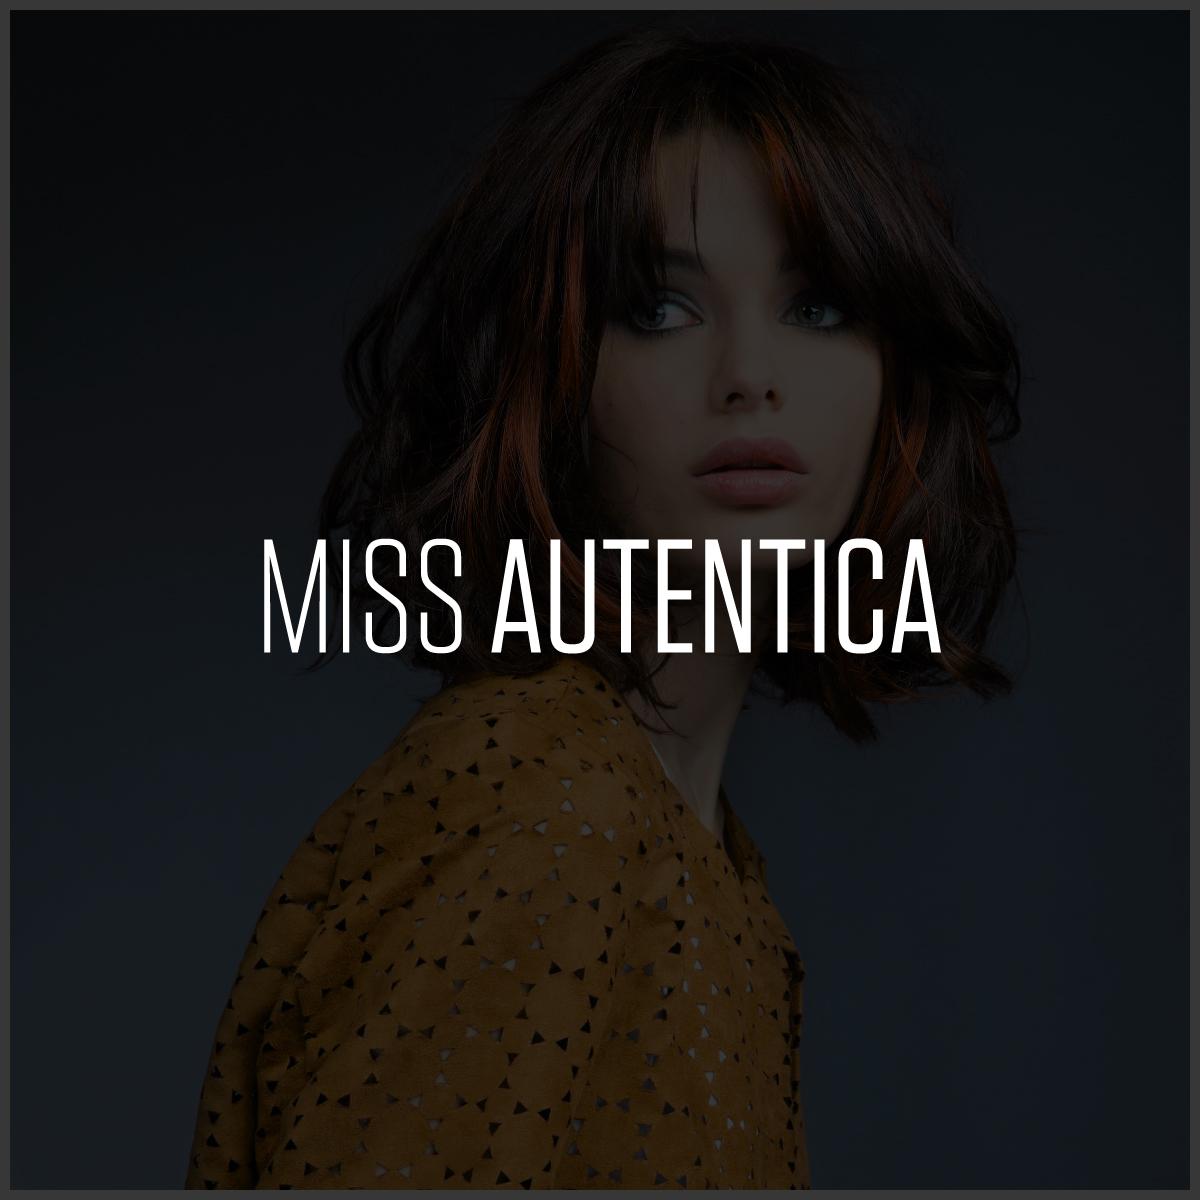 Miss Autentica | Compagnia Della Bellezza | Collezione Miss l'era del coraggio | 2015